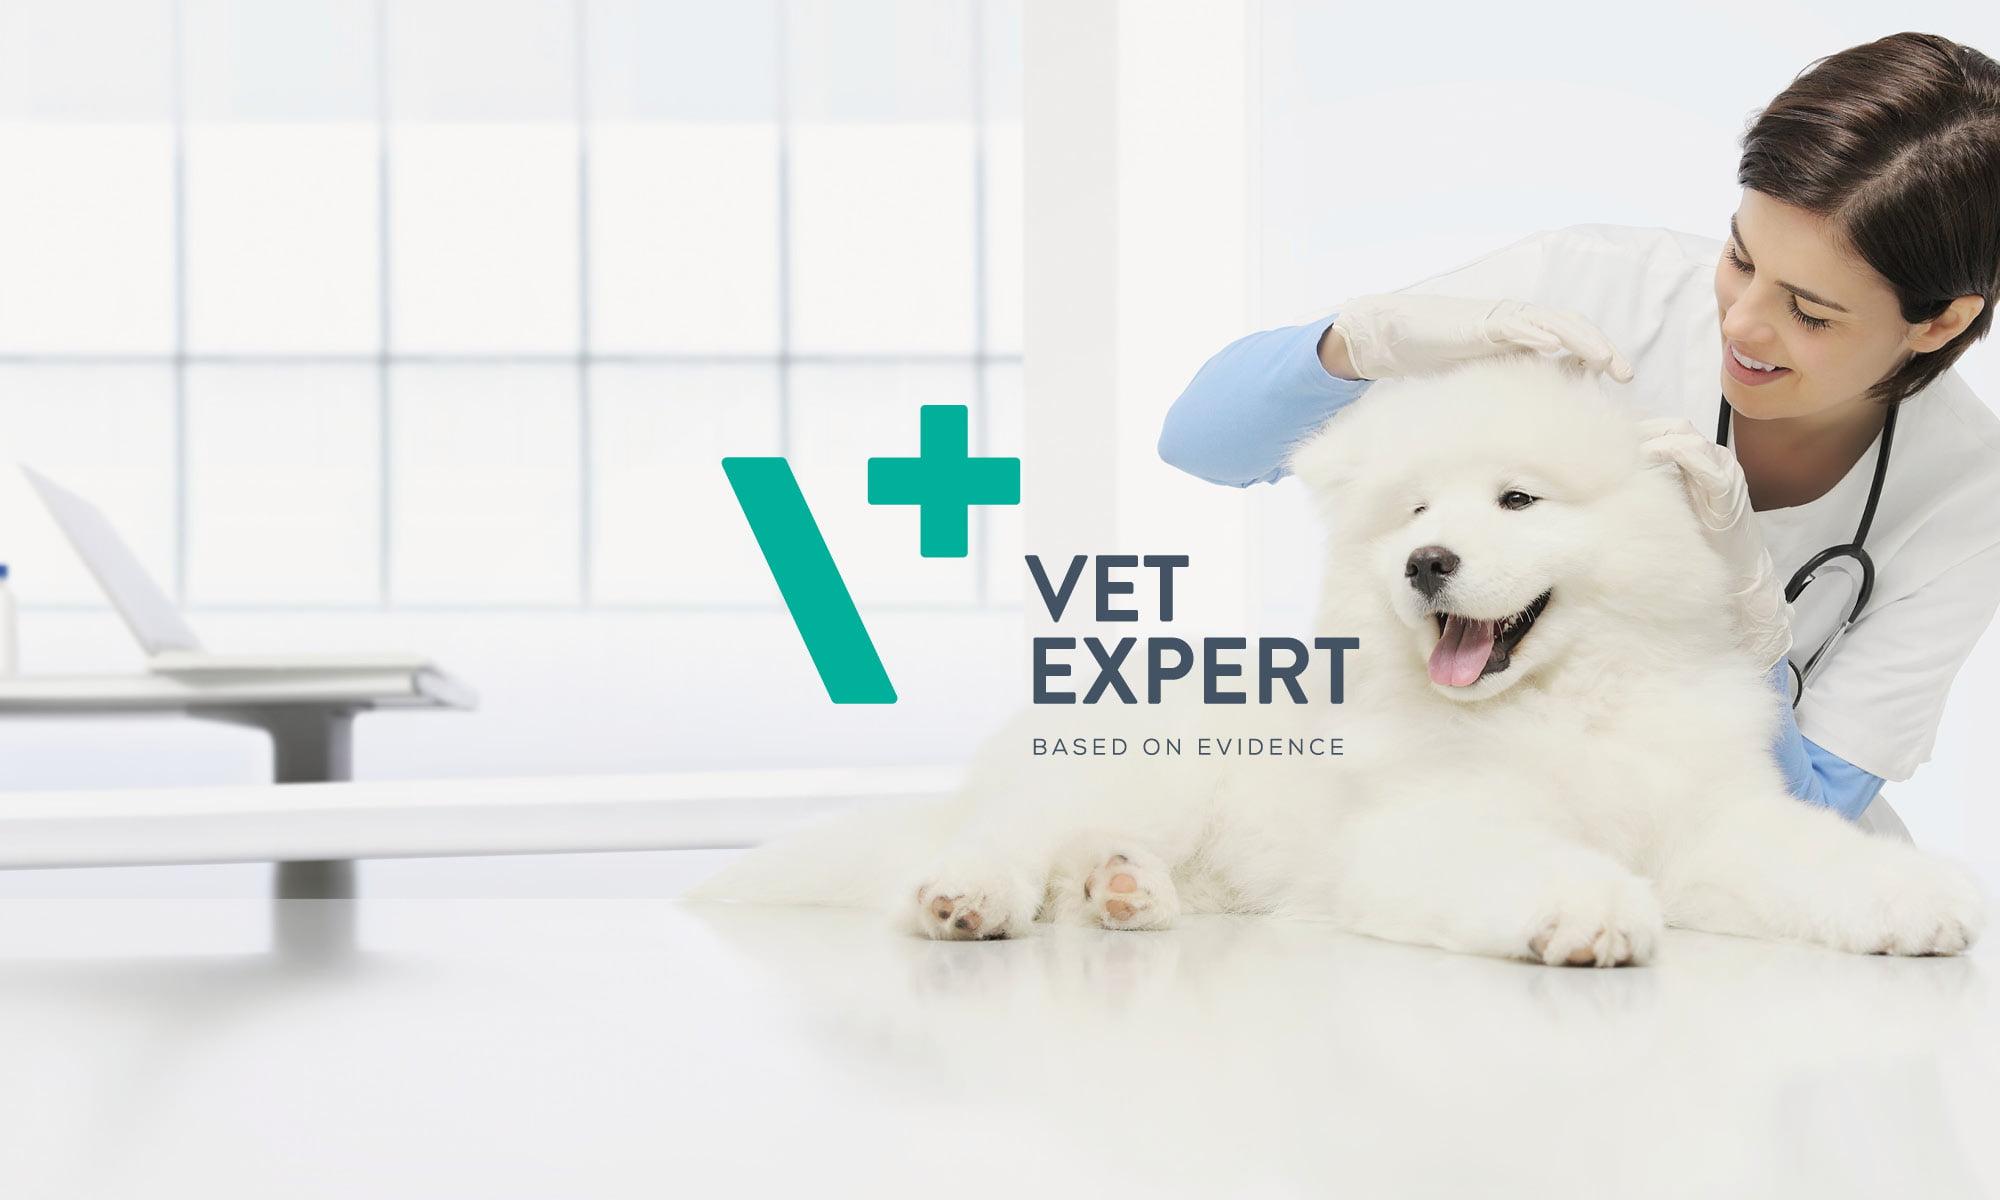 VetExpert Östereich Tierarztprodukten Portofolio Tierbedarf Hundefutter